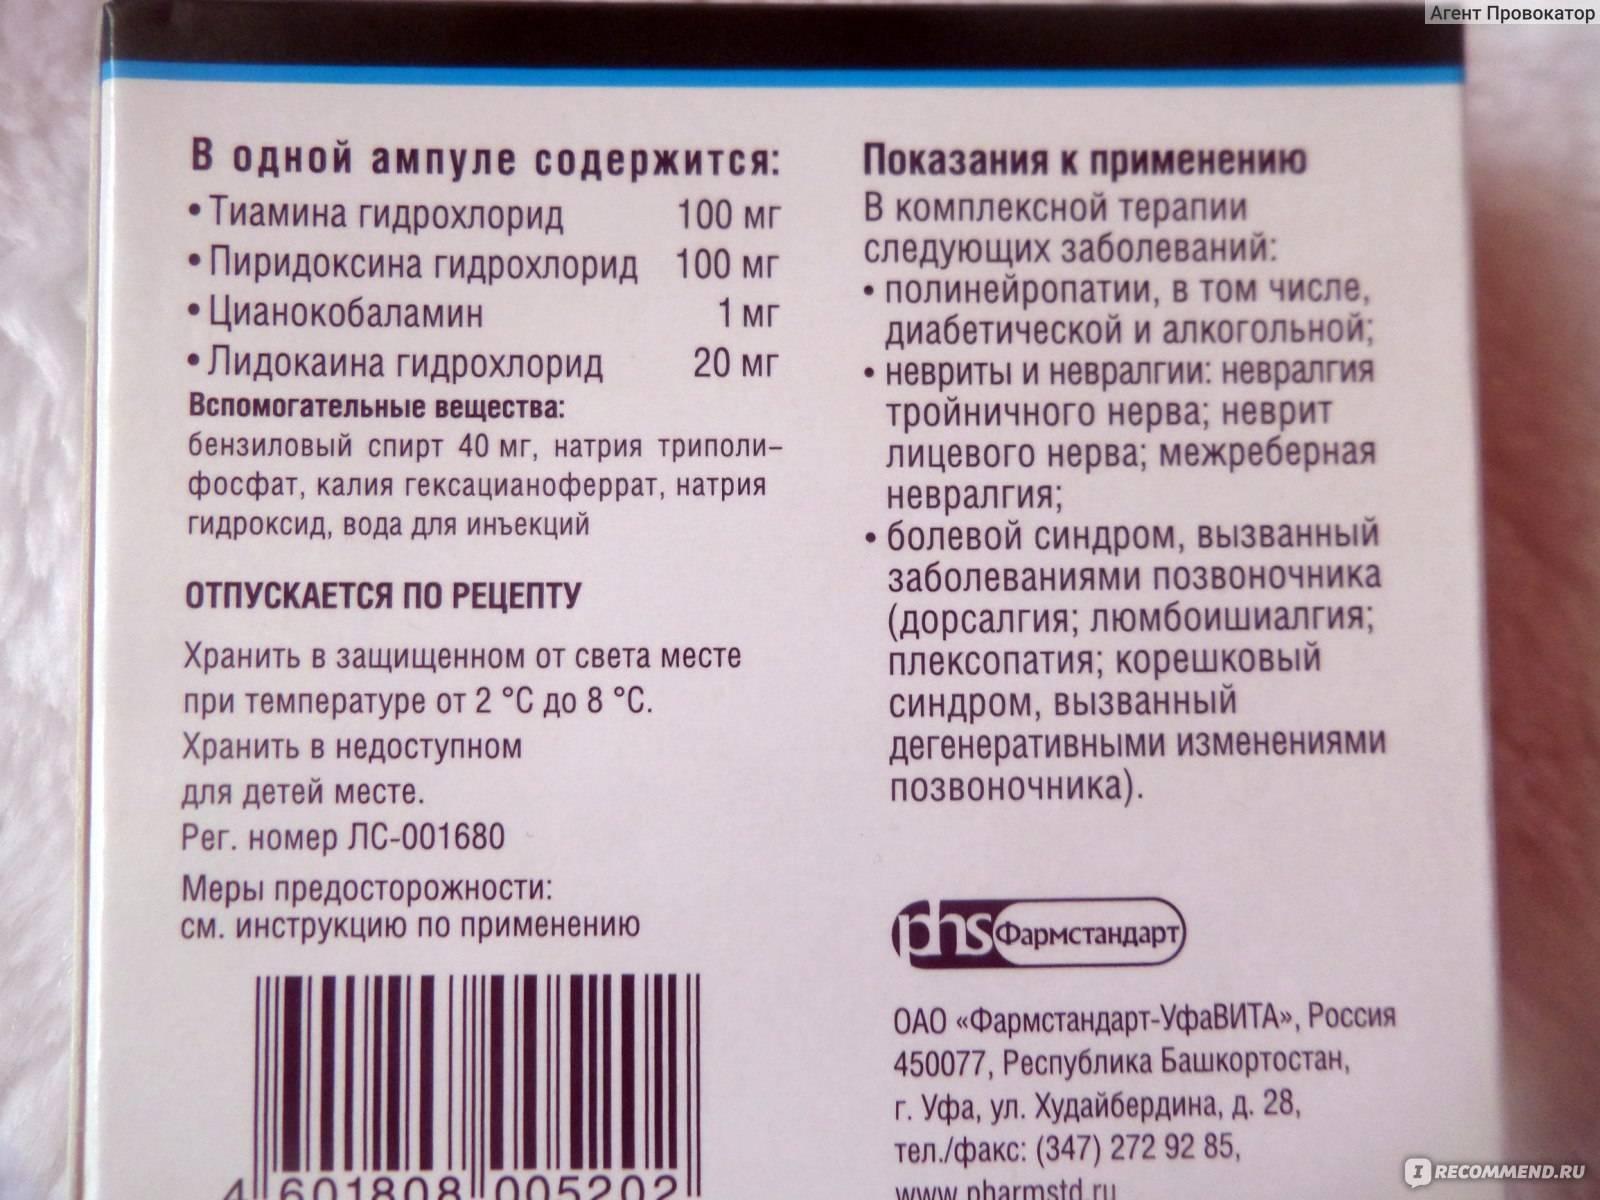 Тайм фактор инструкция по применению 60 капсул. тайм фактор: инструкция по применению, аналоги и отзывы, цены в аптеках россии. показания к приему тайм-фактора